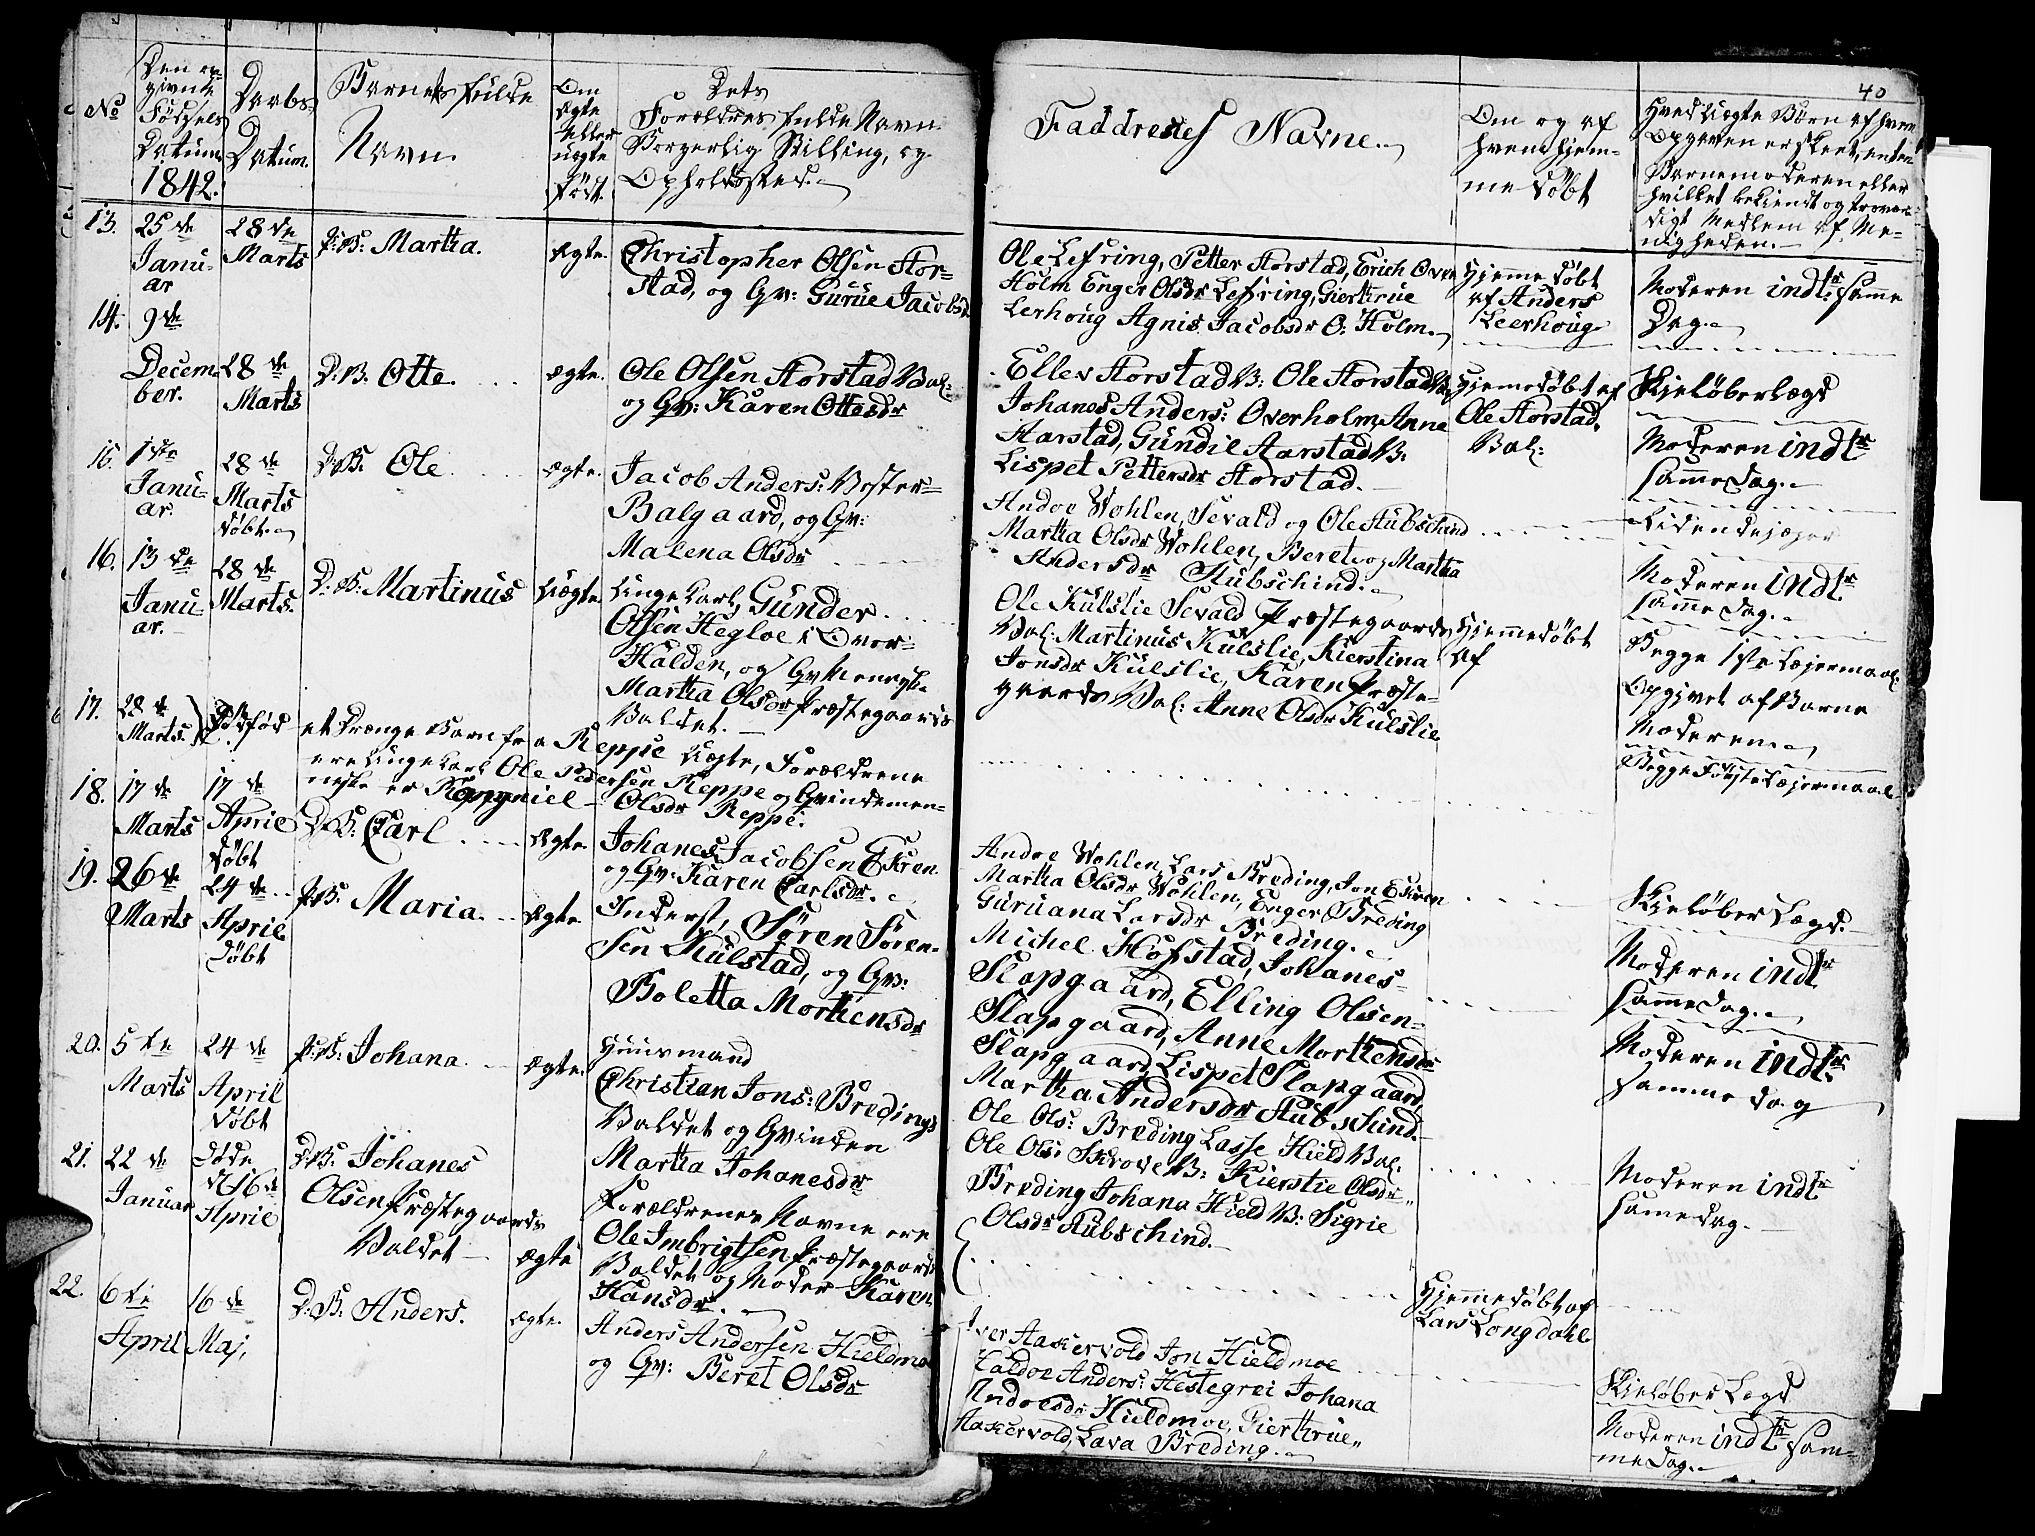 SAT, Ministerialprotokoller, klokkerbøker og fødselsregistre - Nord-Trøndelag, 724/L0266: Klokkerbok nr. 724C02, 1836-1843, s. 40